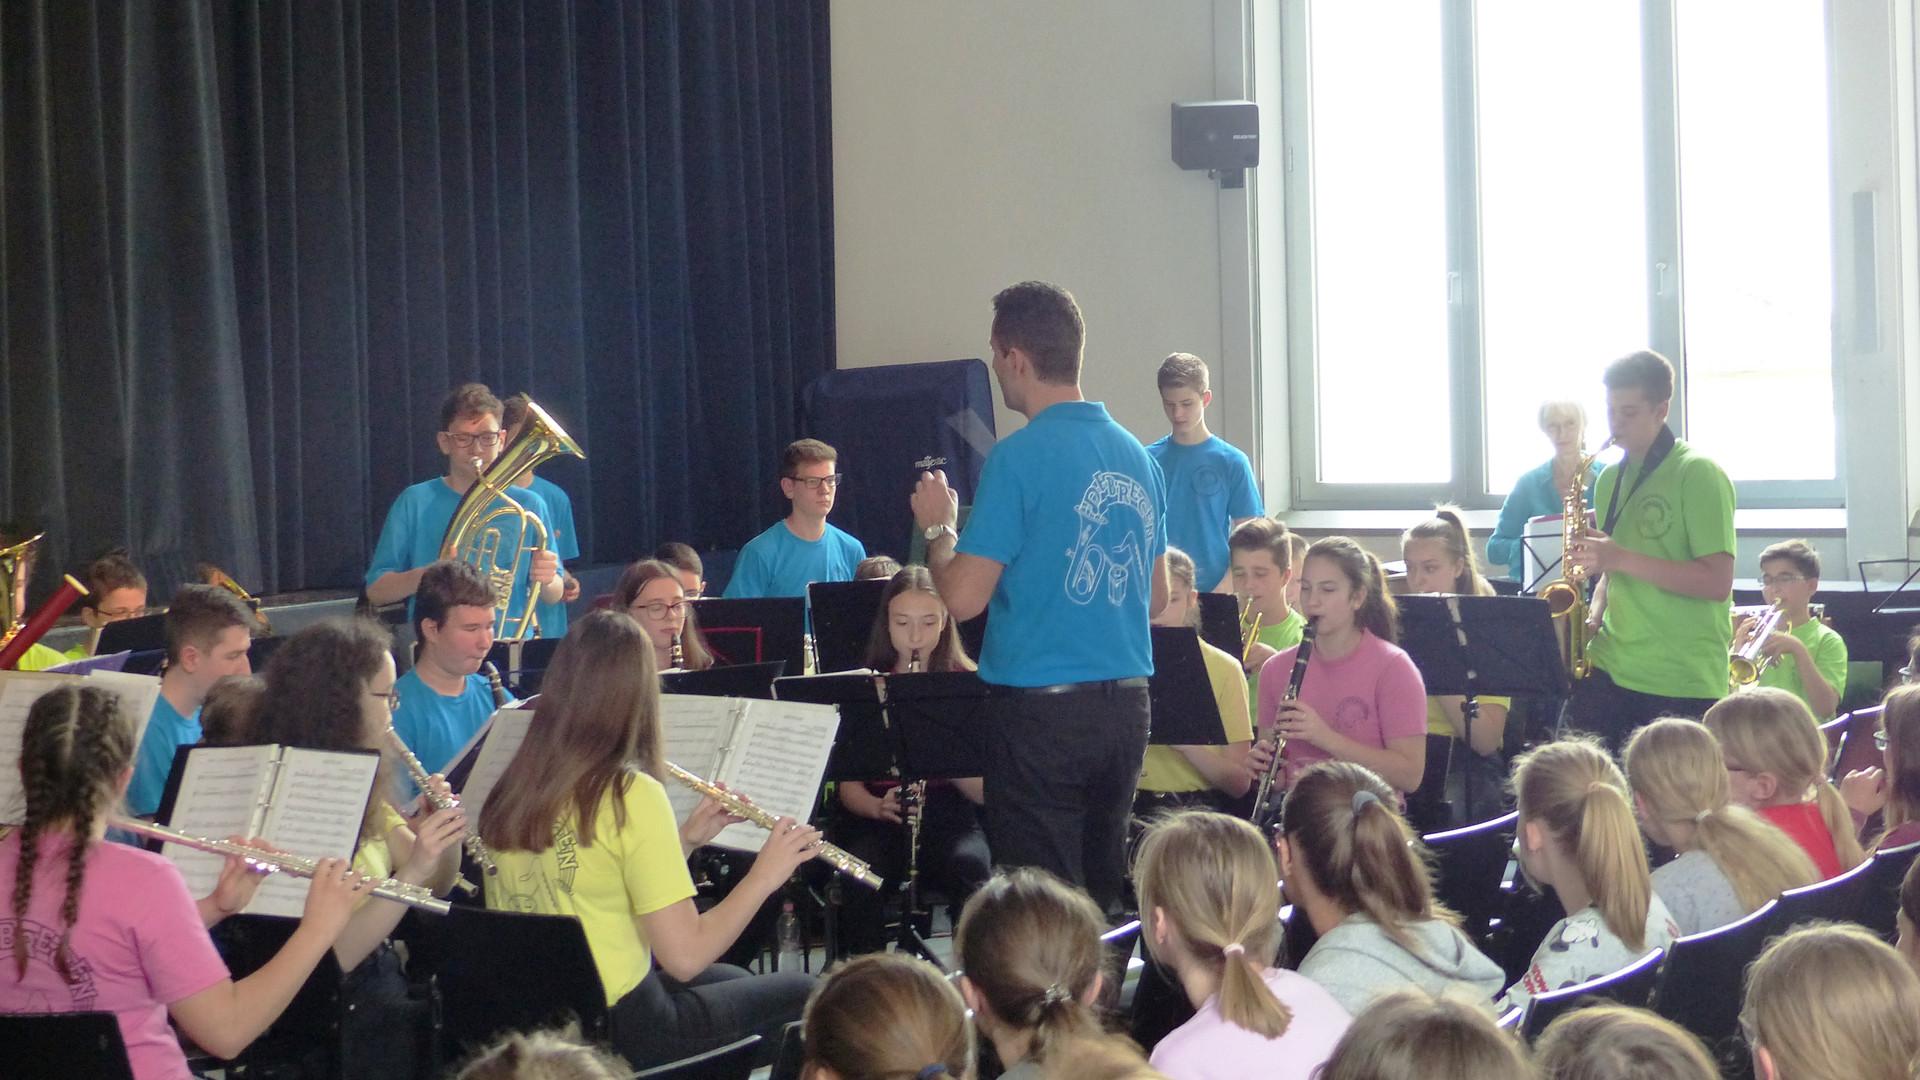 4. Das symphonische Blasorchester in Akt